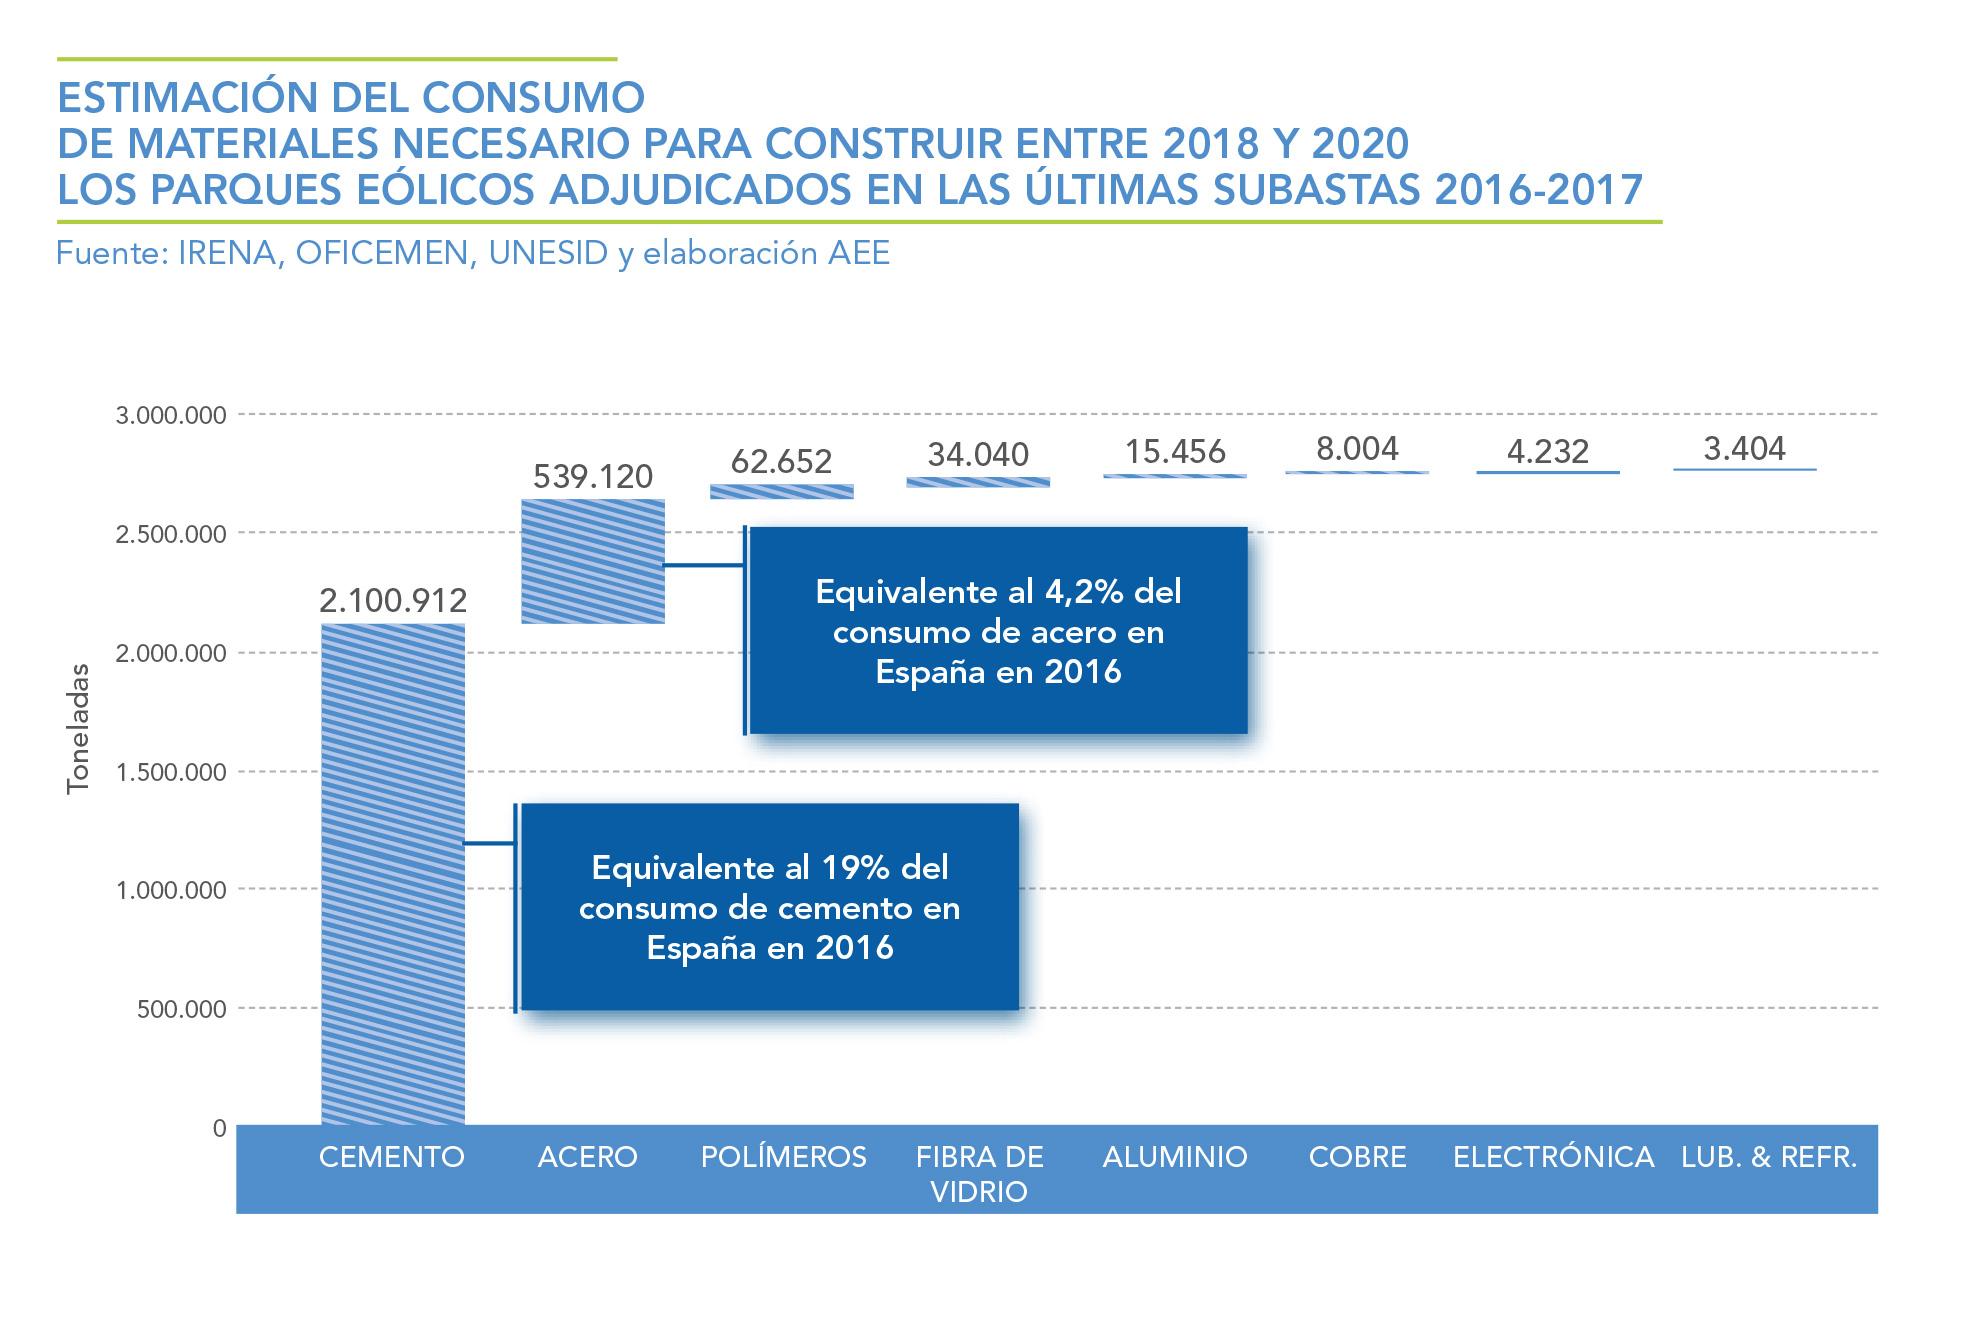 ESTIMACION-DEL-CONSUMO-DE-MATERIALES-NECESARIO-PARA-CONTRUIR-ENTRE-2018-Y-2020-LOS-PARQUES-EOLICOS--ADJUDICADOS-EN-LAS-ULTIMAS-SUBASTAS-2016---2017